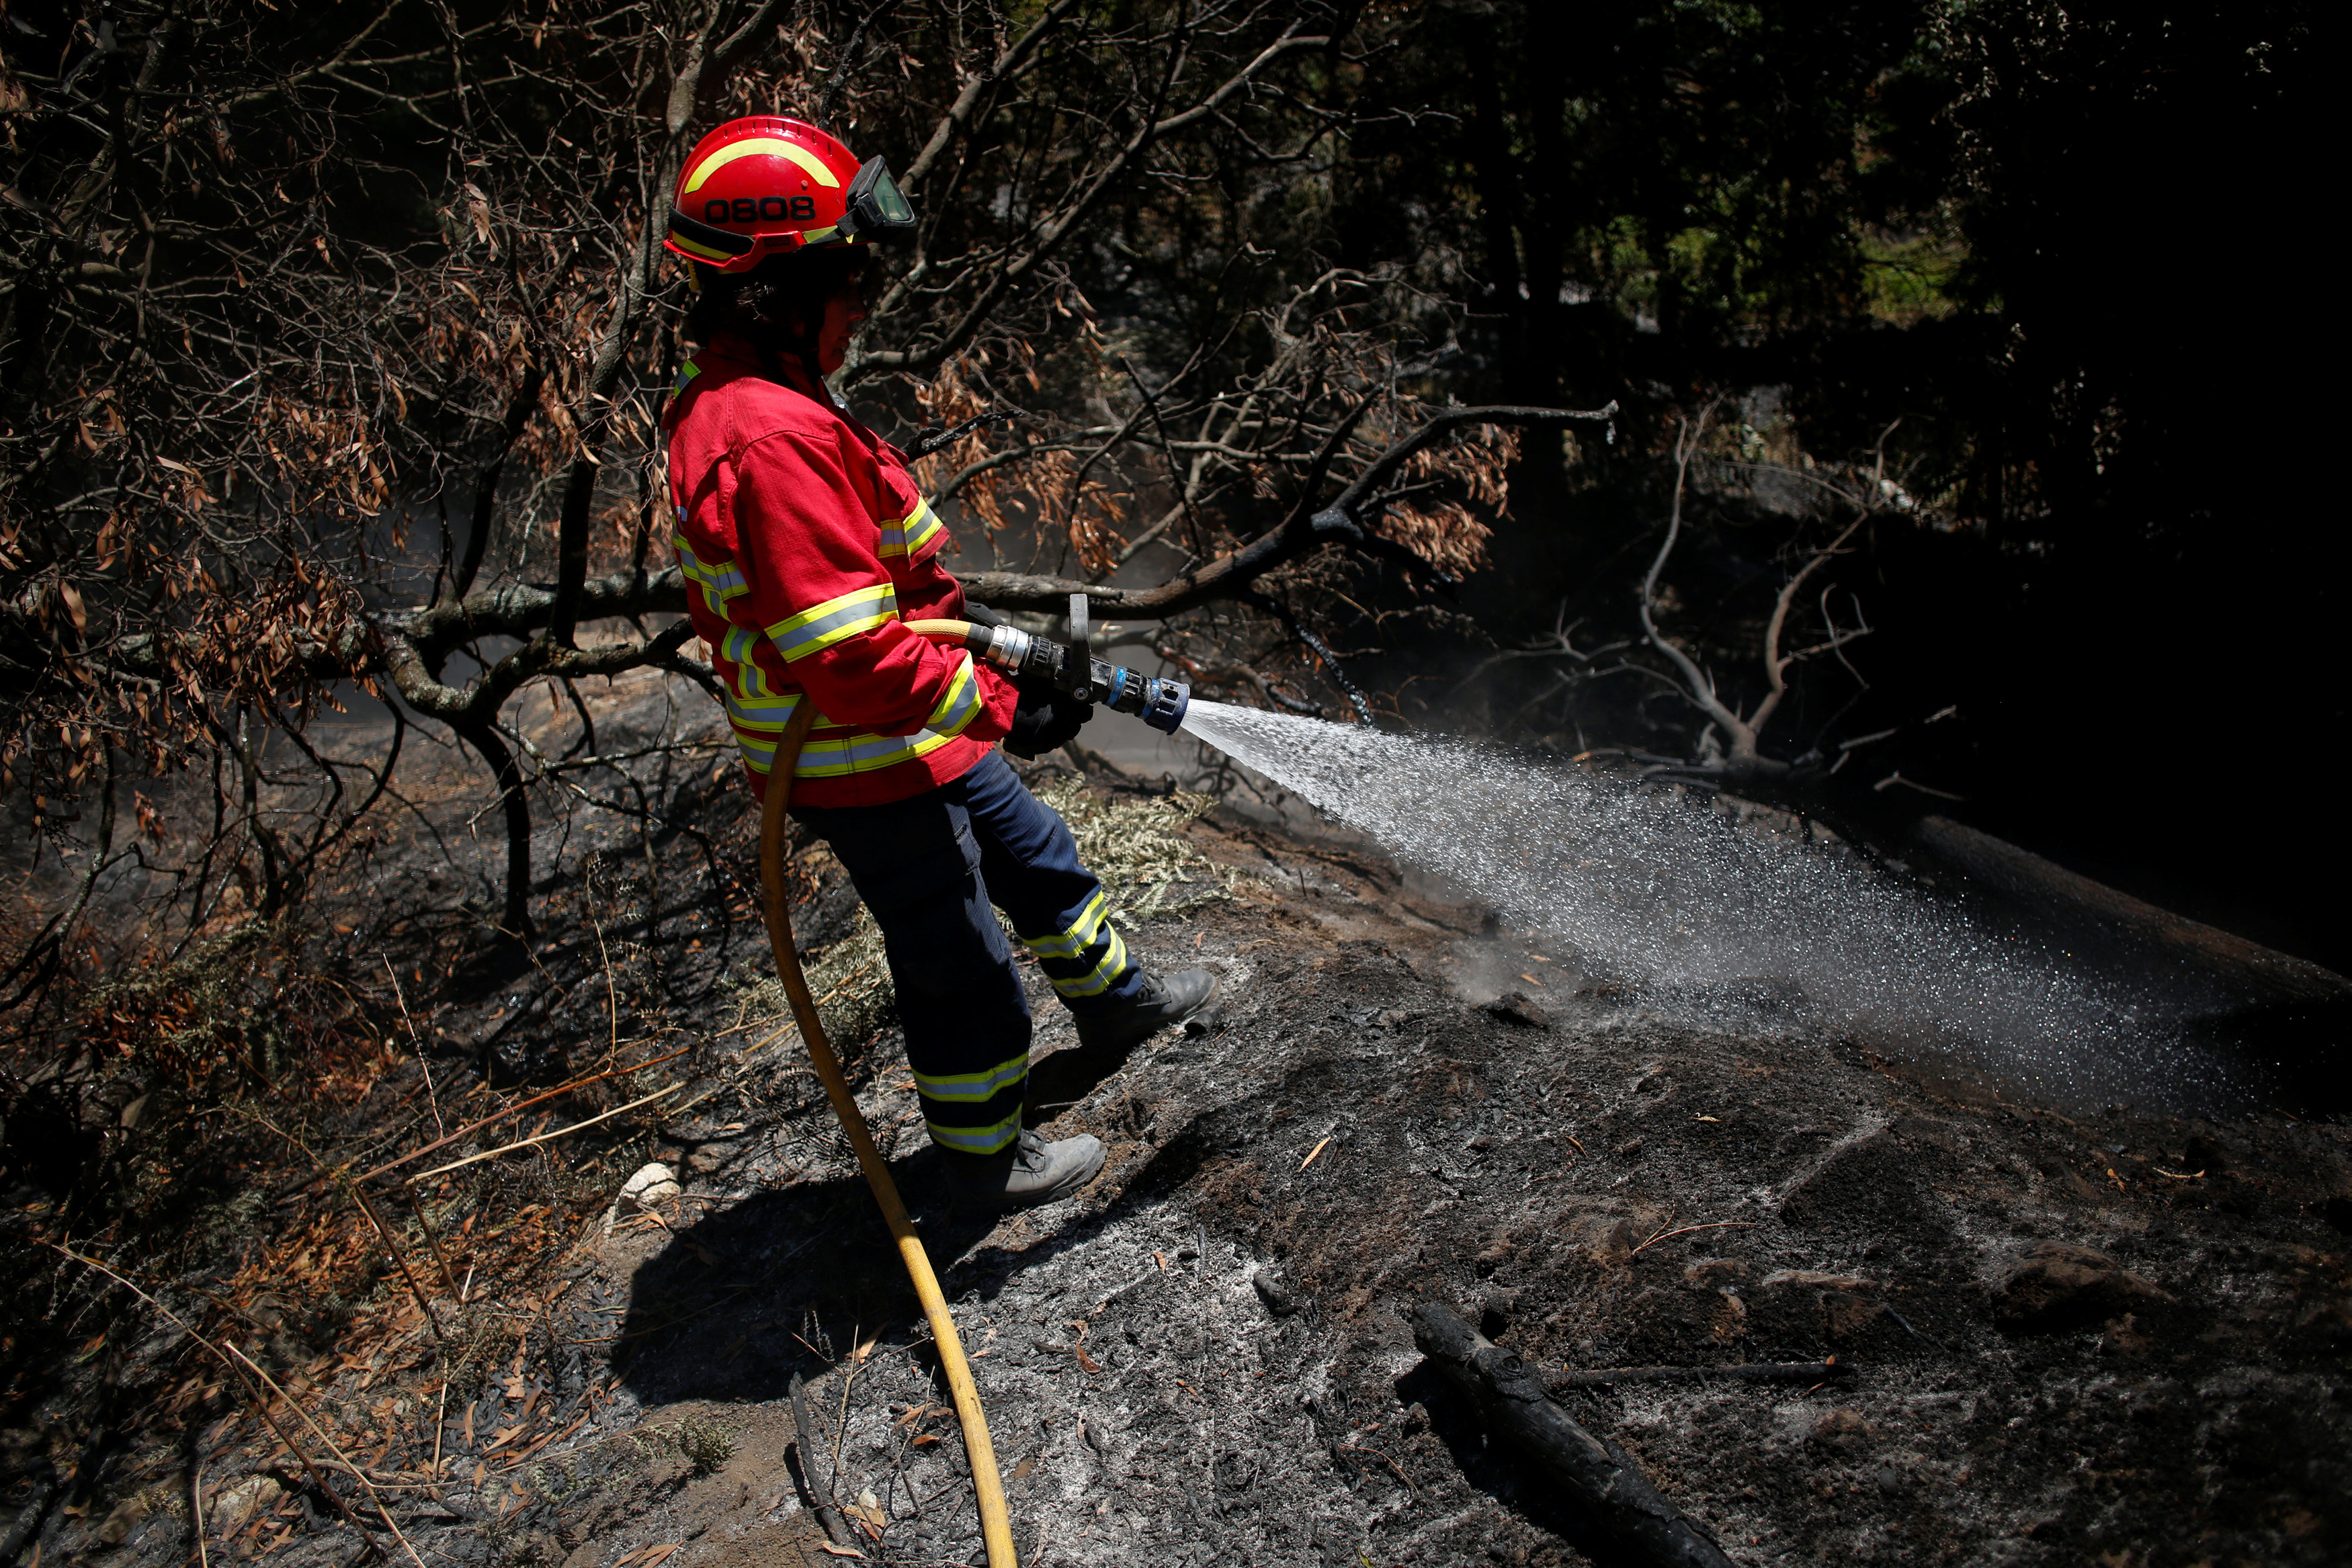 أحد رجال الإطفاء أثناء عمليات التبريد